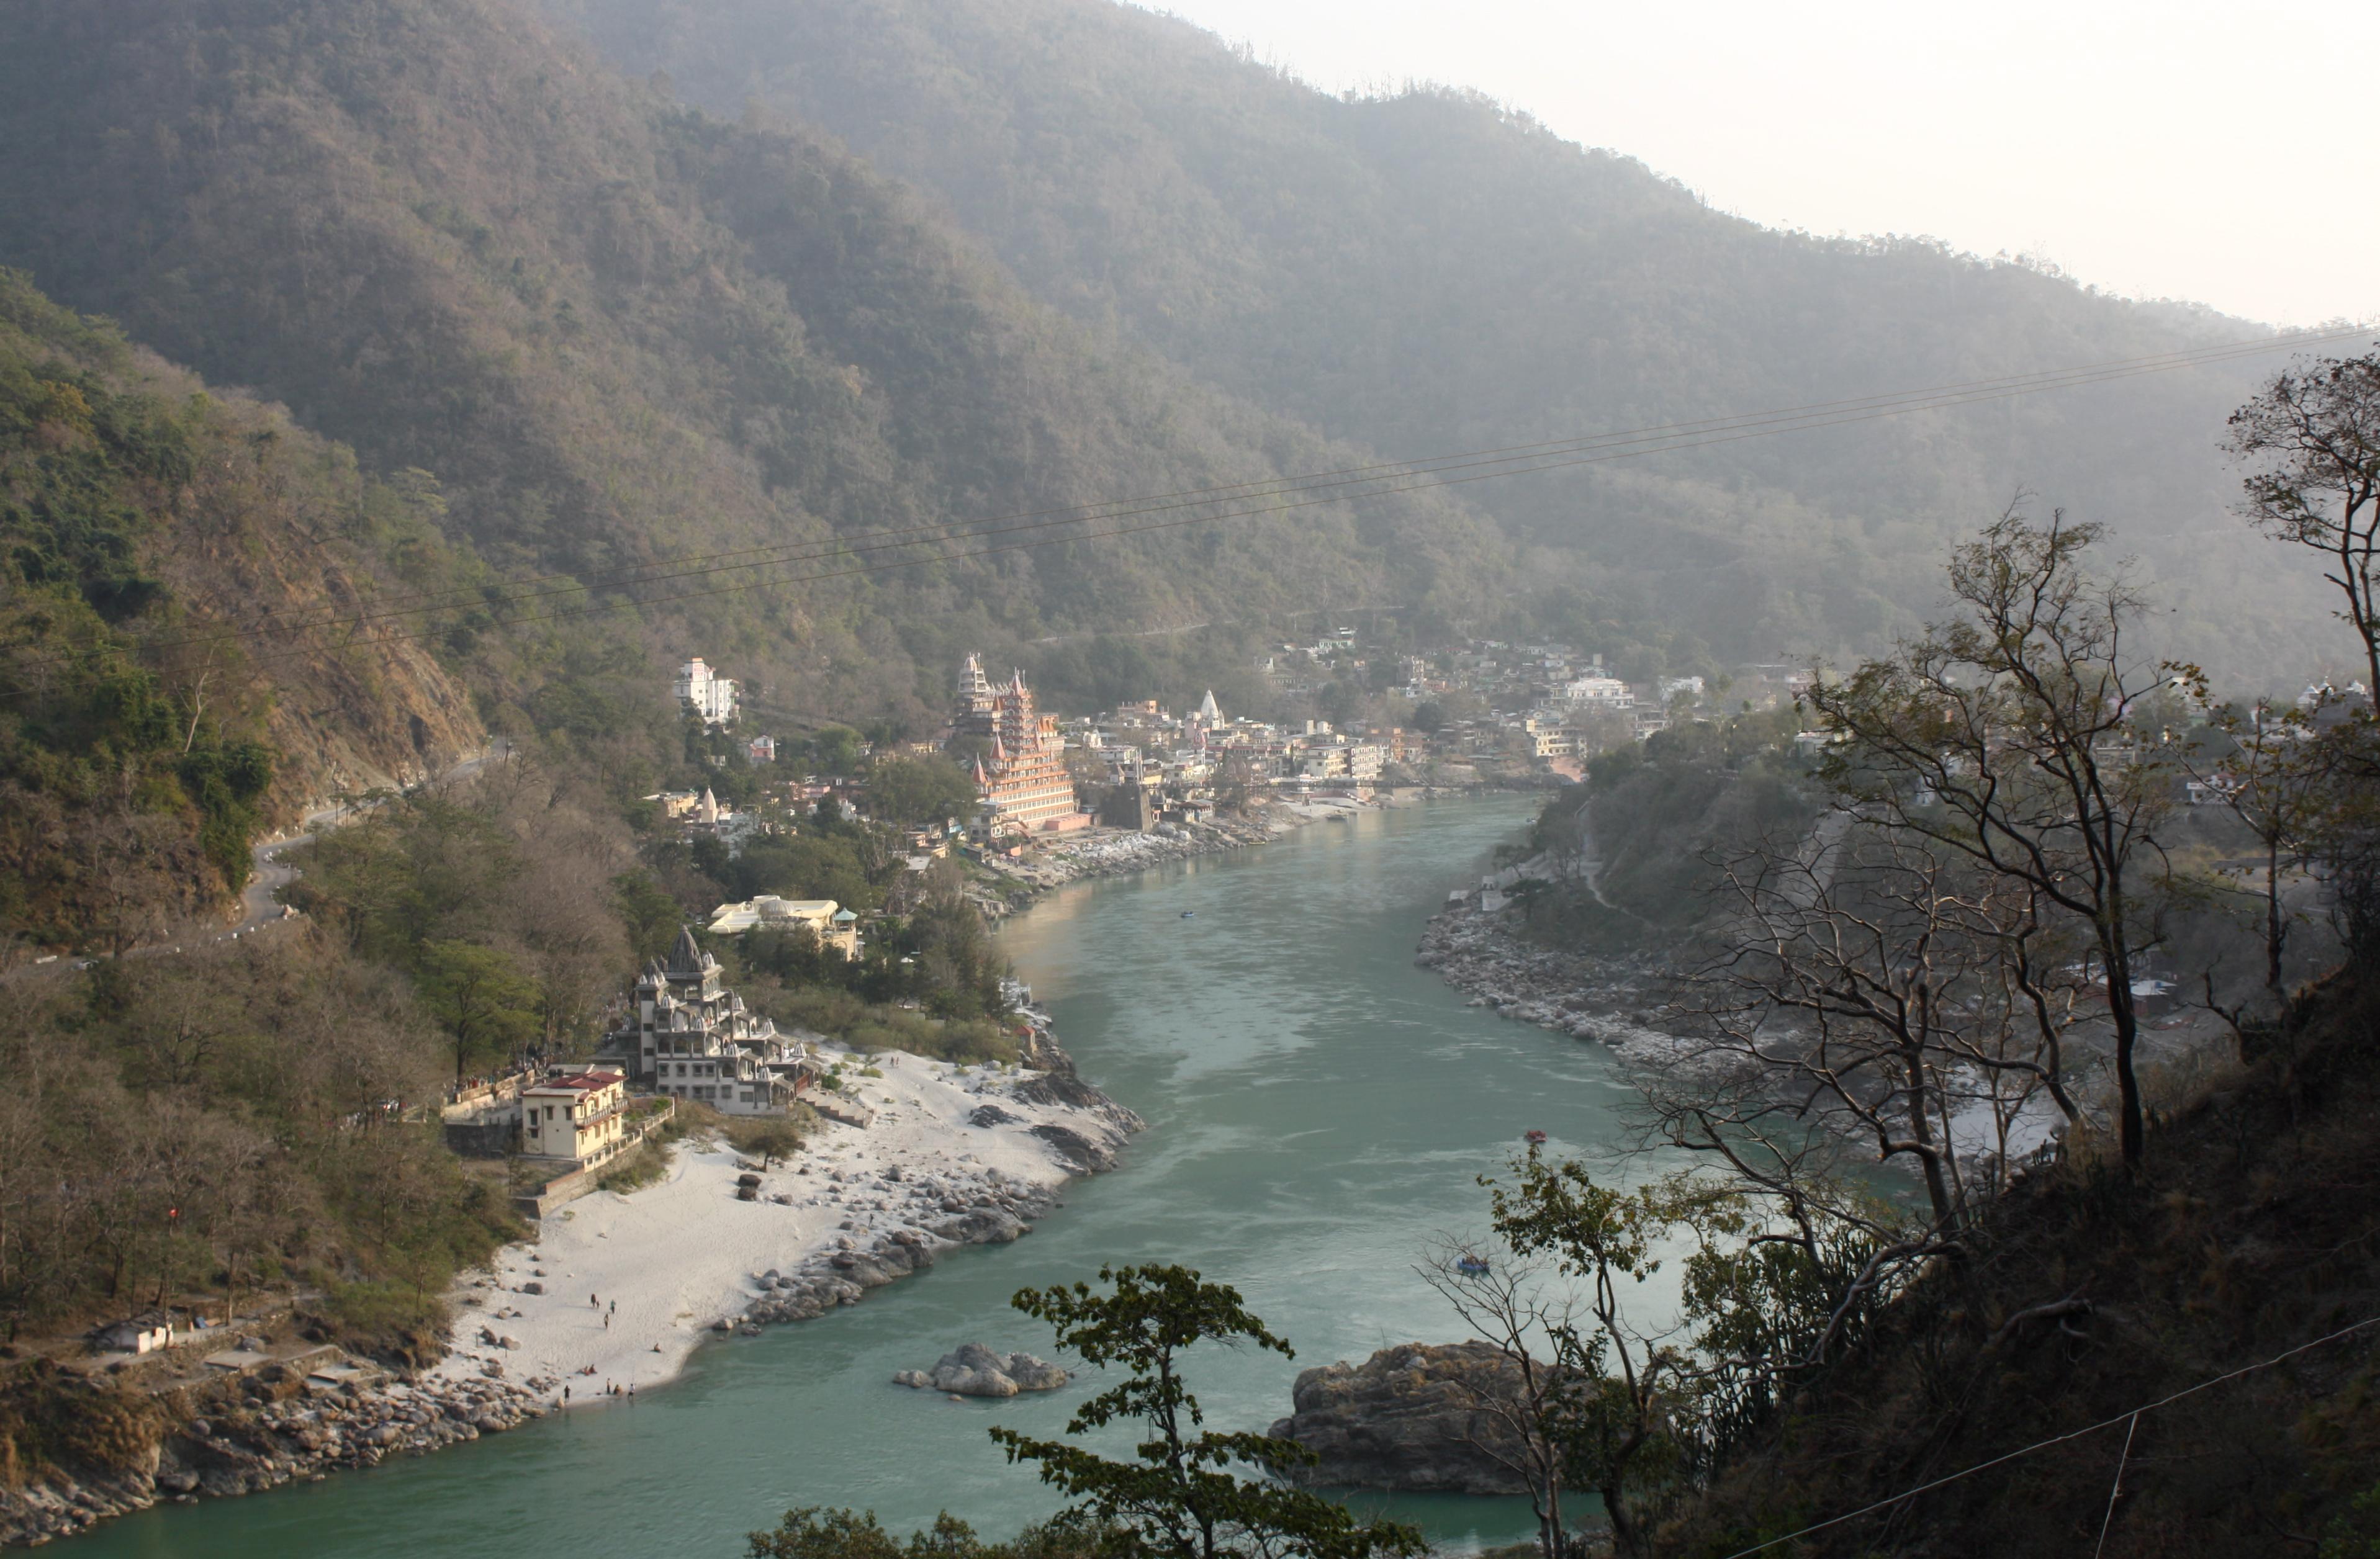 File:Lakshman Jhula, Rishikesh, Uttarakhand, India.jpg ...